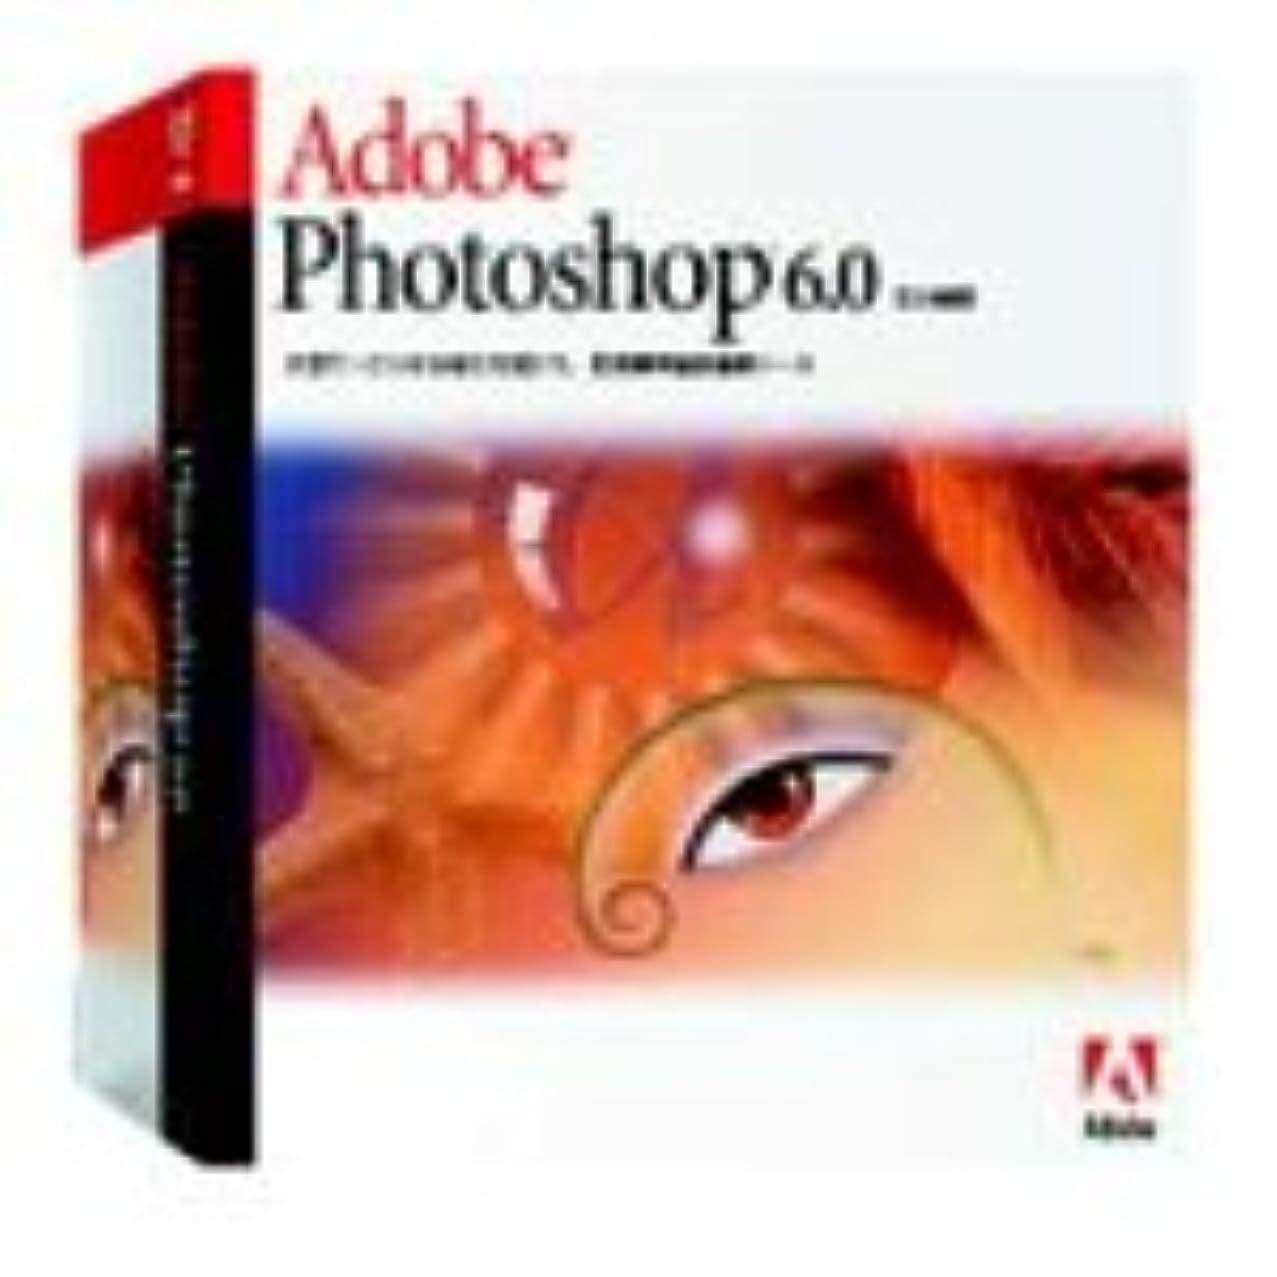 有料テロリスト飛行場Photoshop 6.0J アップグレード版 Windows版